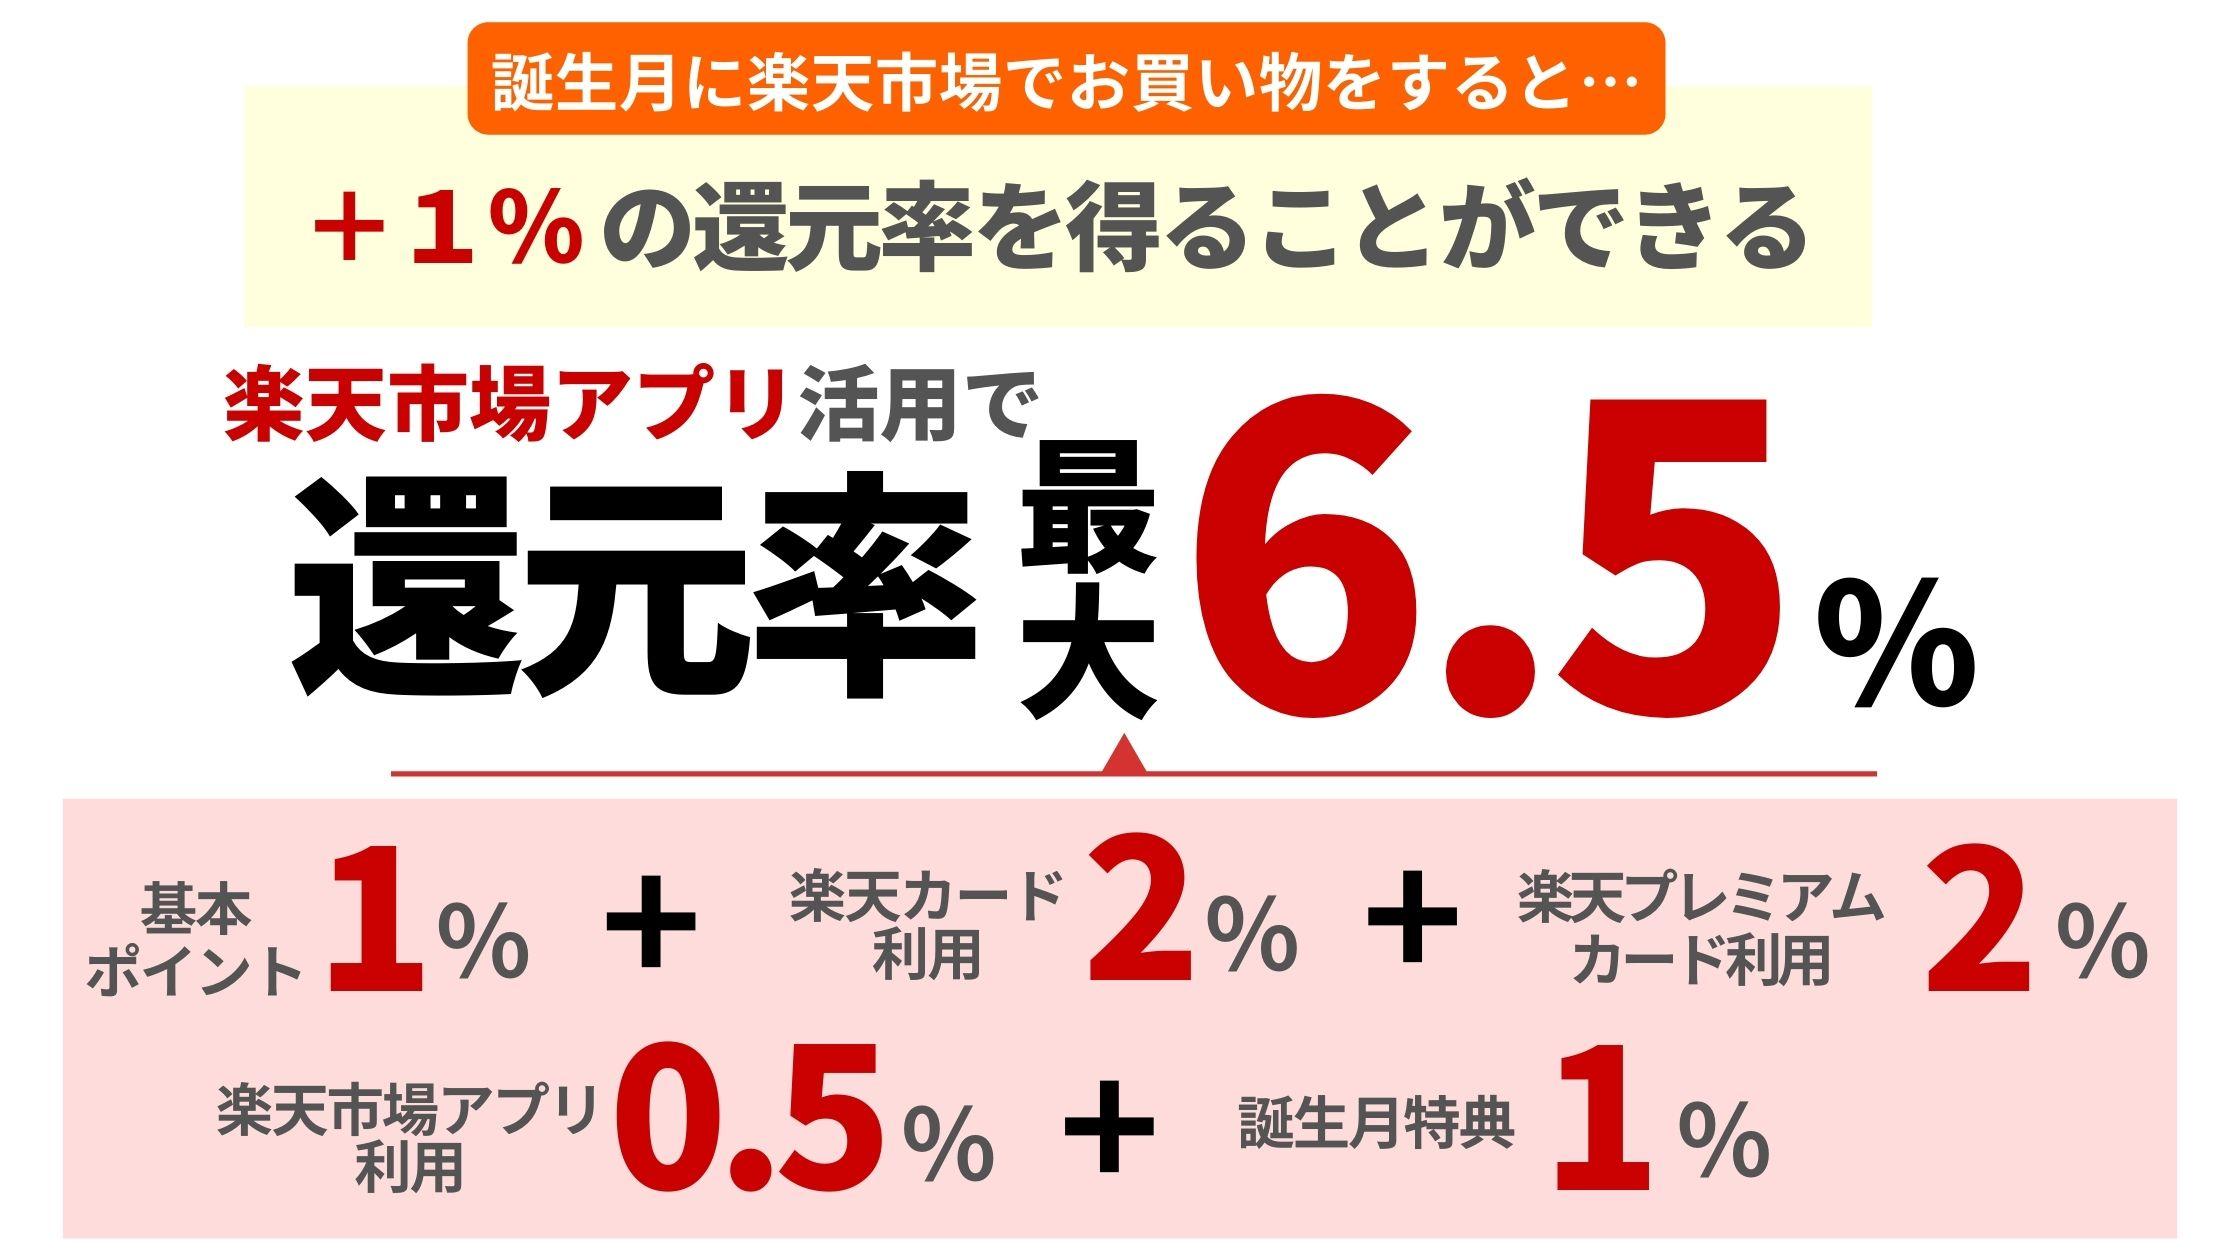 誕生月は楽天市場の利用で還元率が6〜7%へ